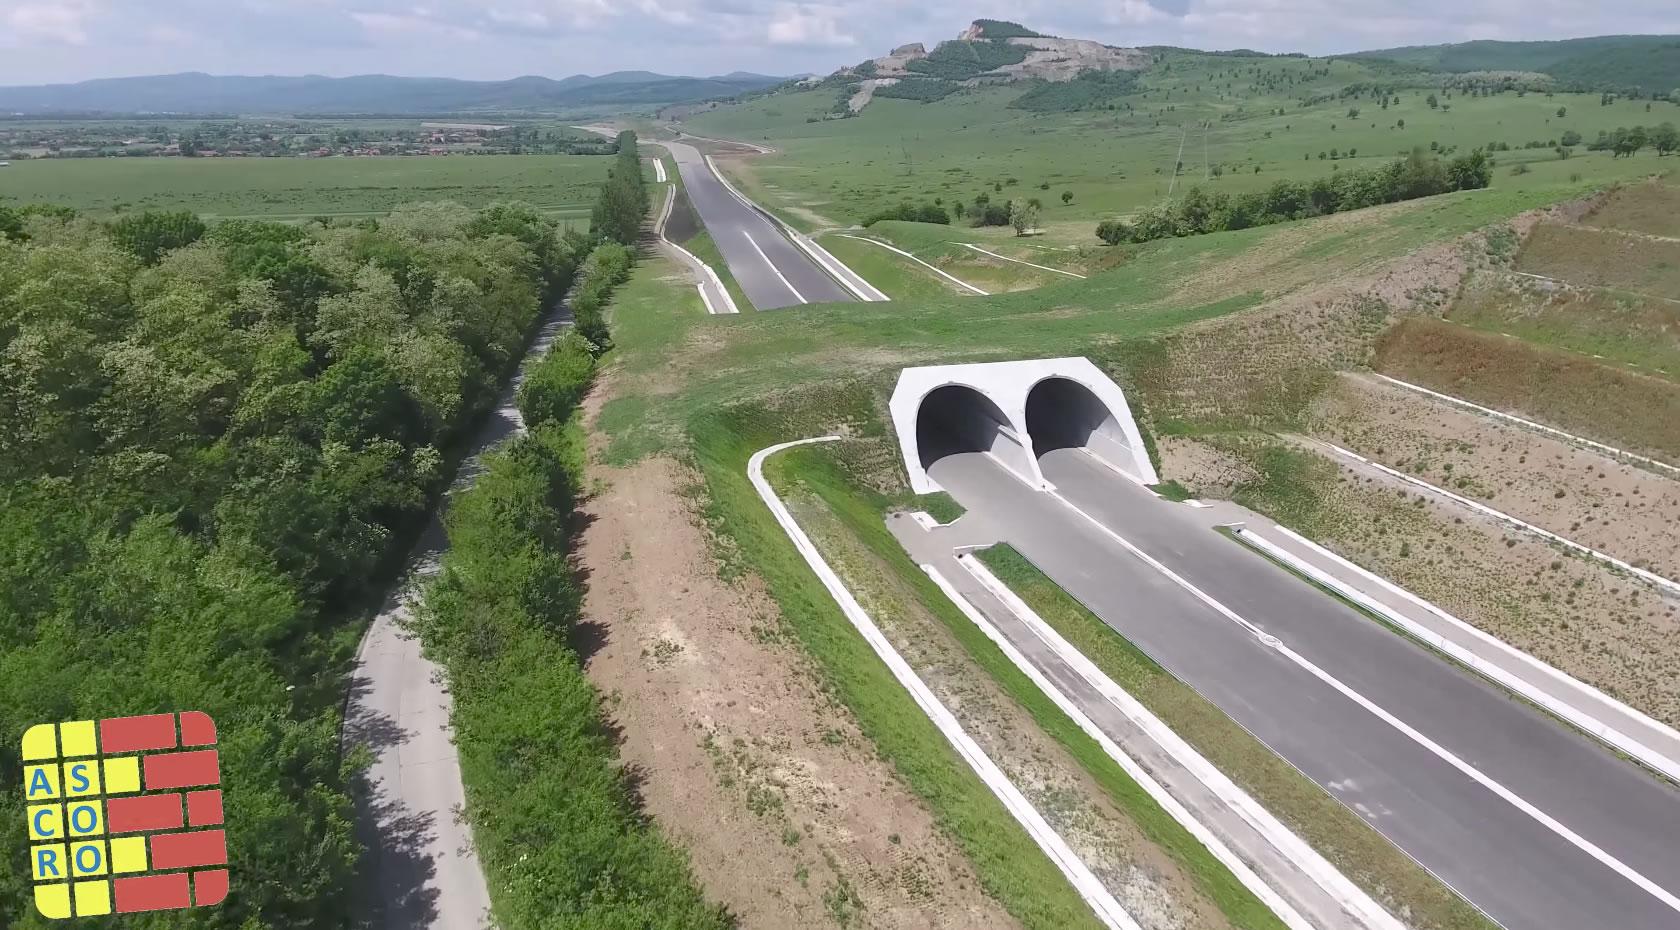 Ecoduct Bretea Mureșană